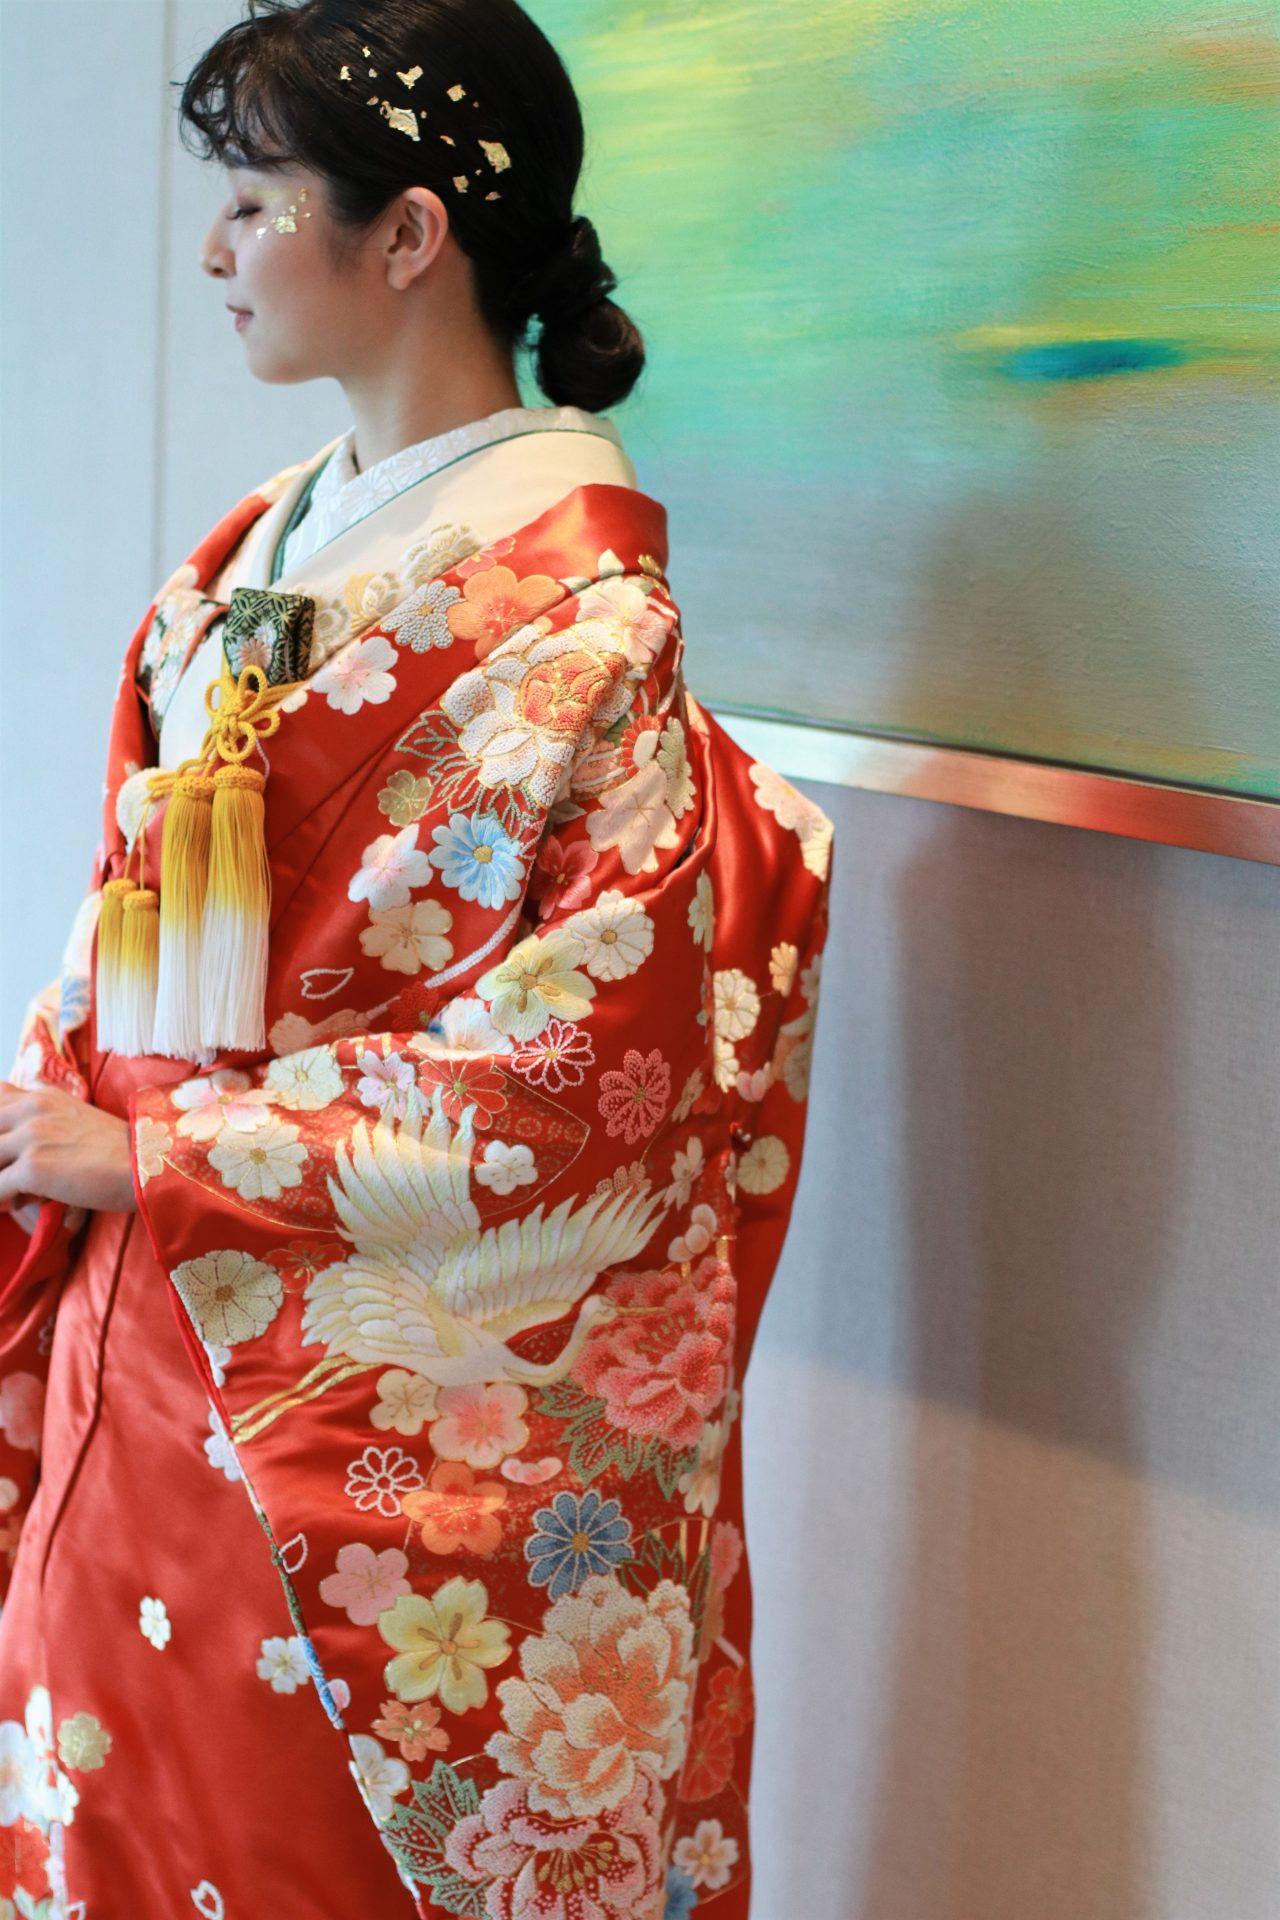 パレスホテル東京のアートに映える色打掛、水と空をイメージしたアートに映る色打掛はまるでその中の鶴や花たちに命を吹き込まれたよう